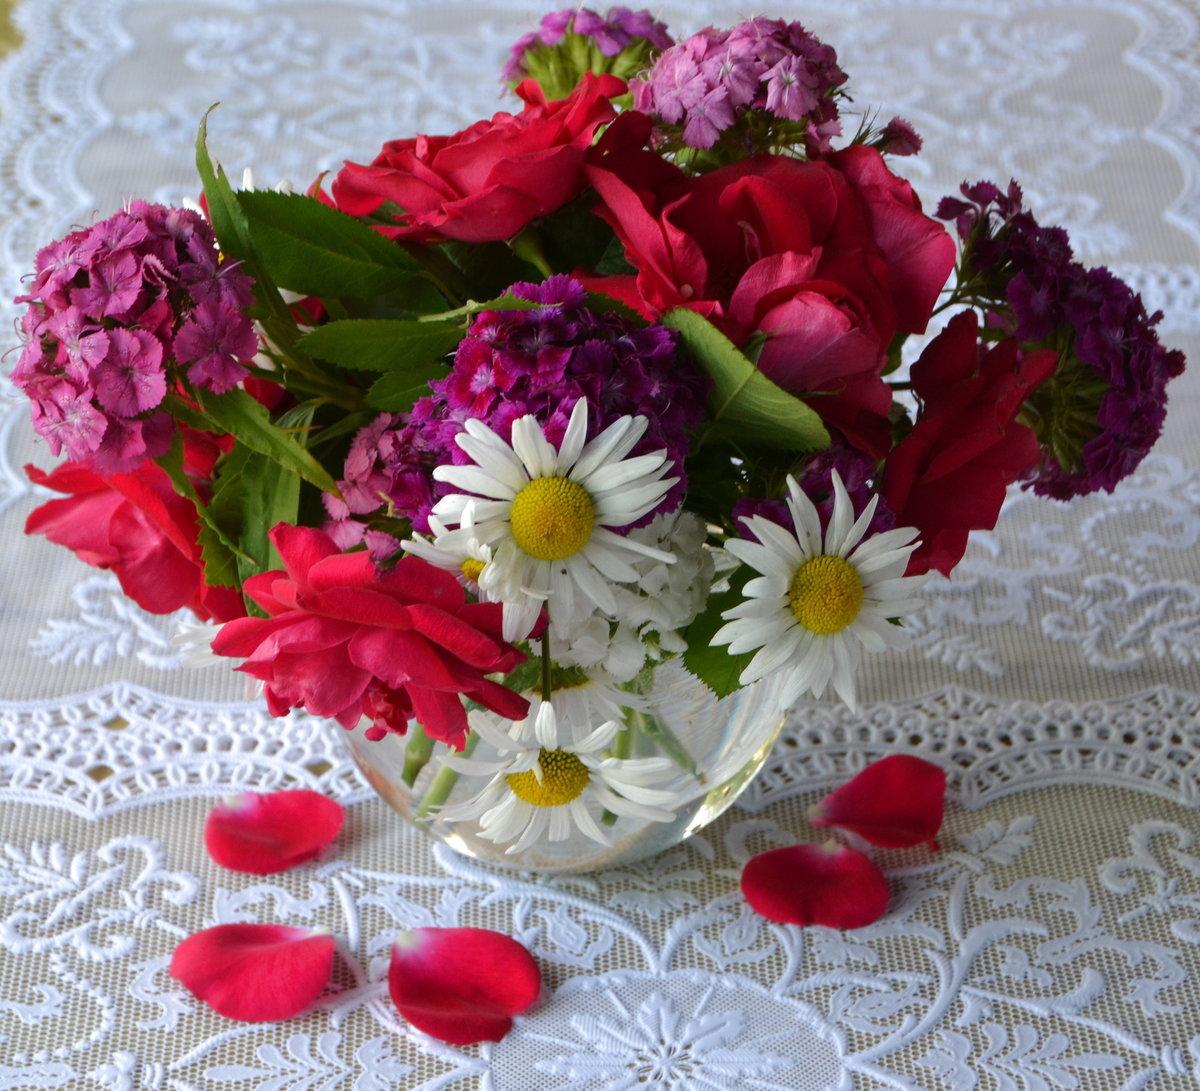 Картинки школьной, гифки букет роз и ромашек для любимой